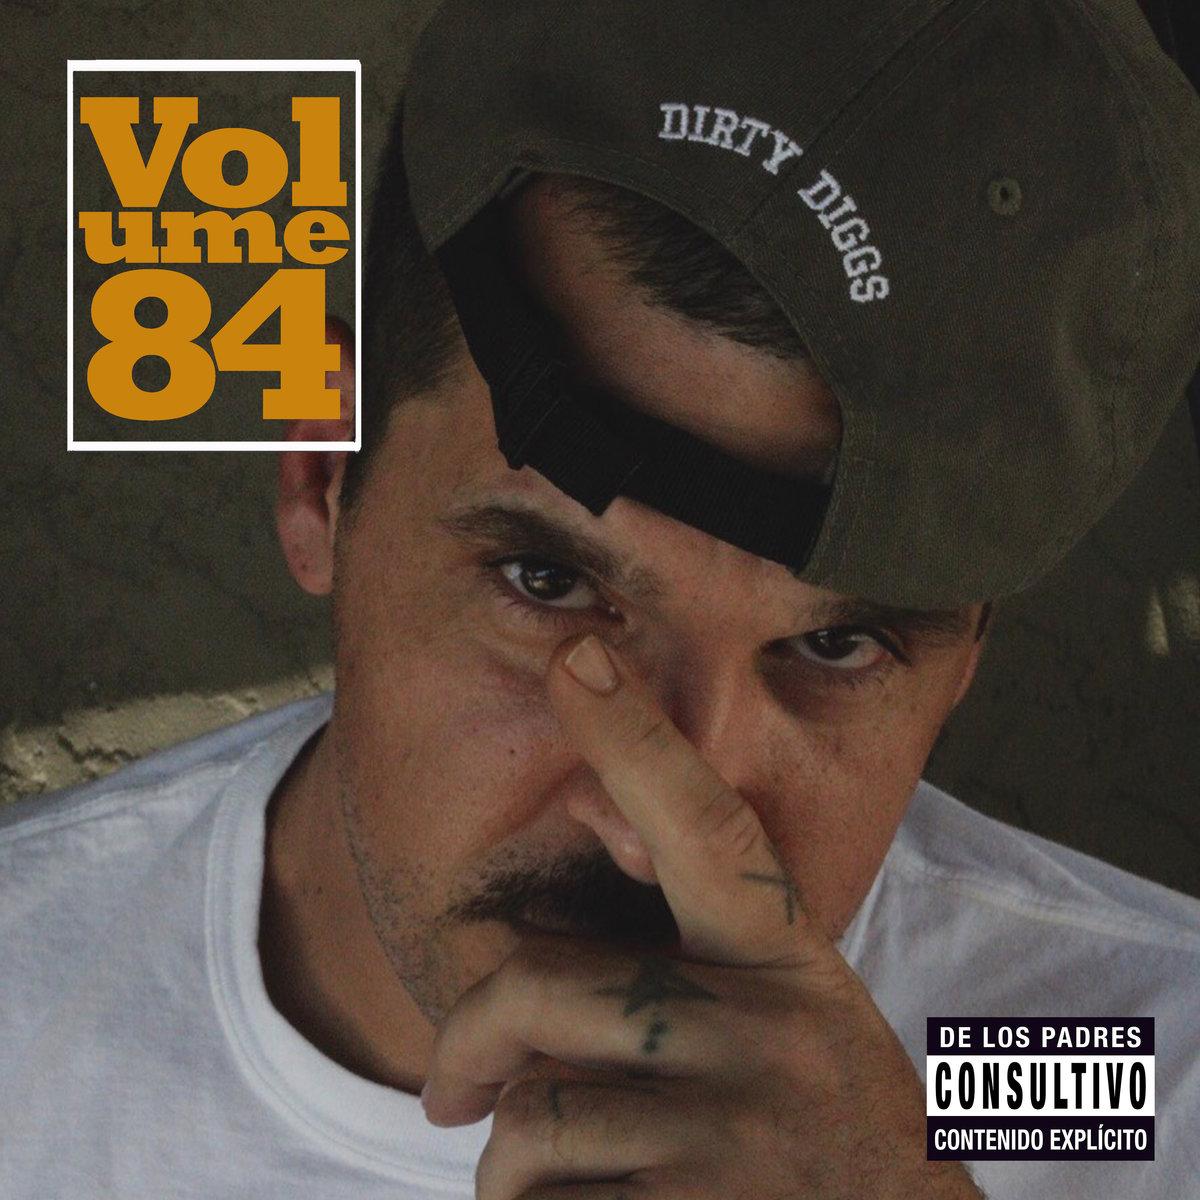 Volume_84__ep_